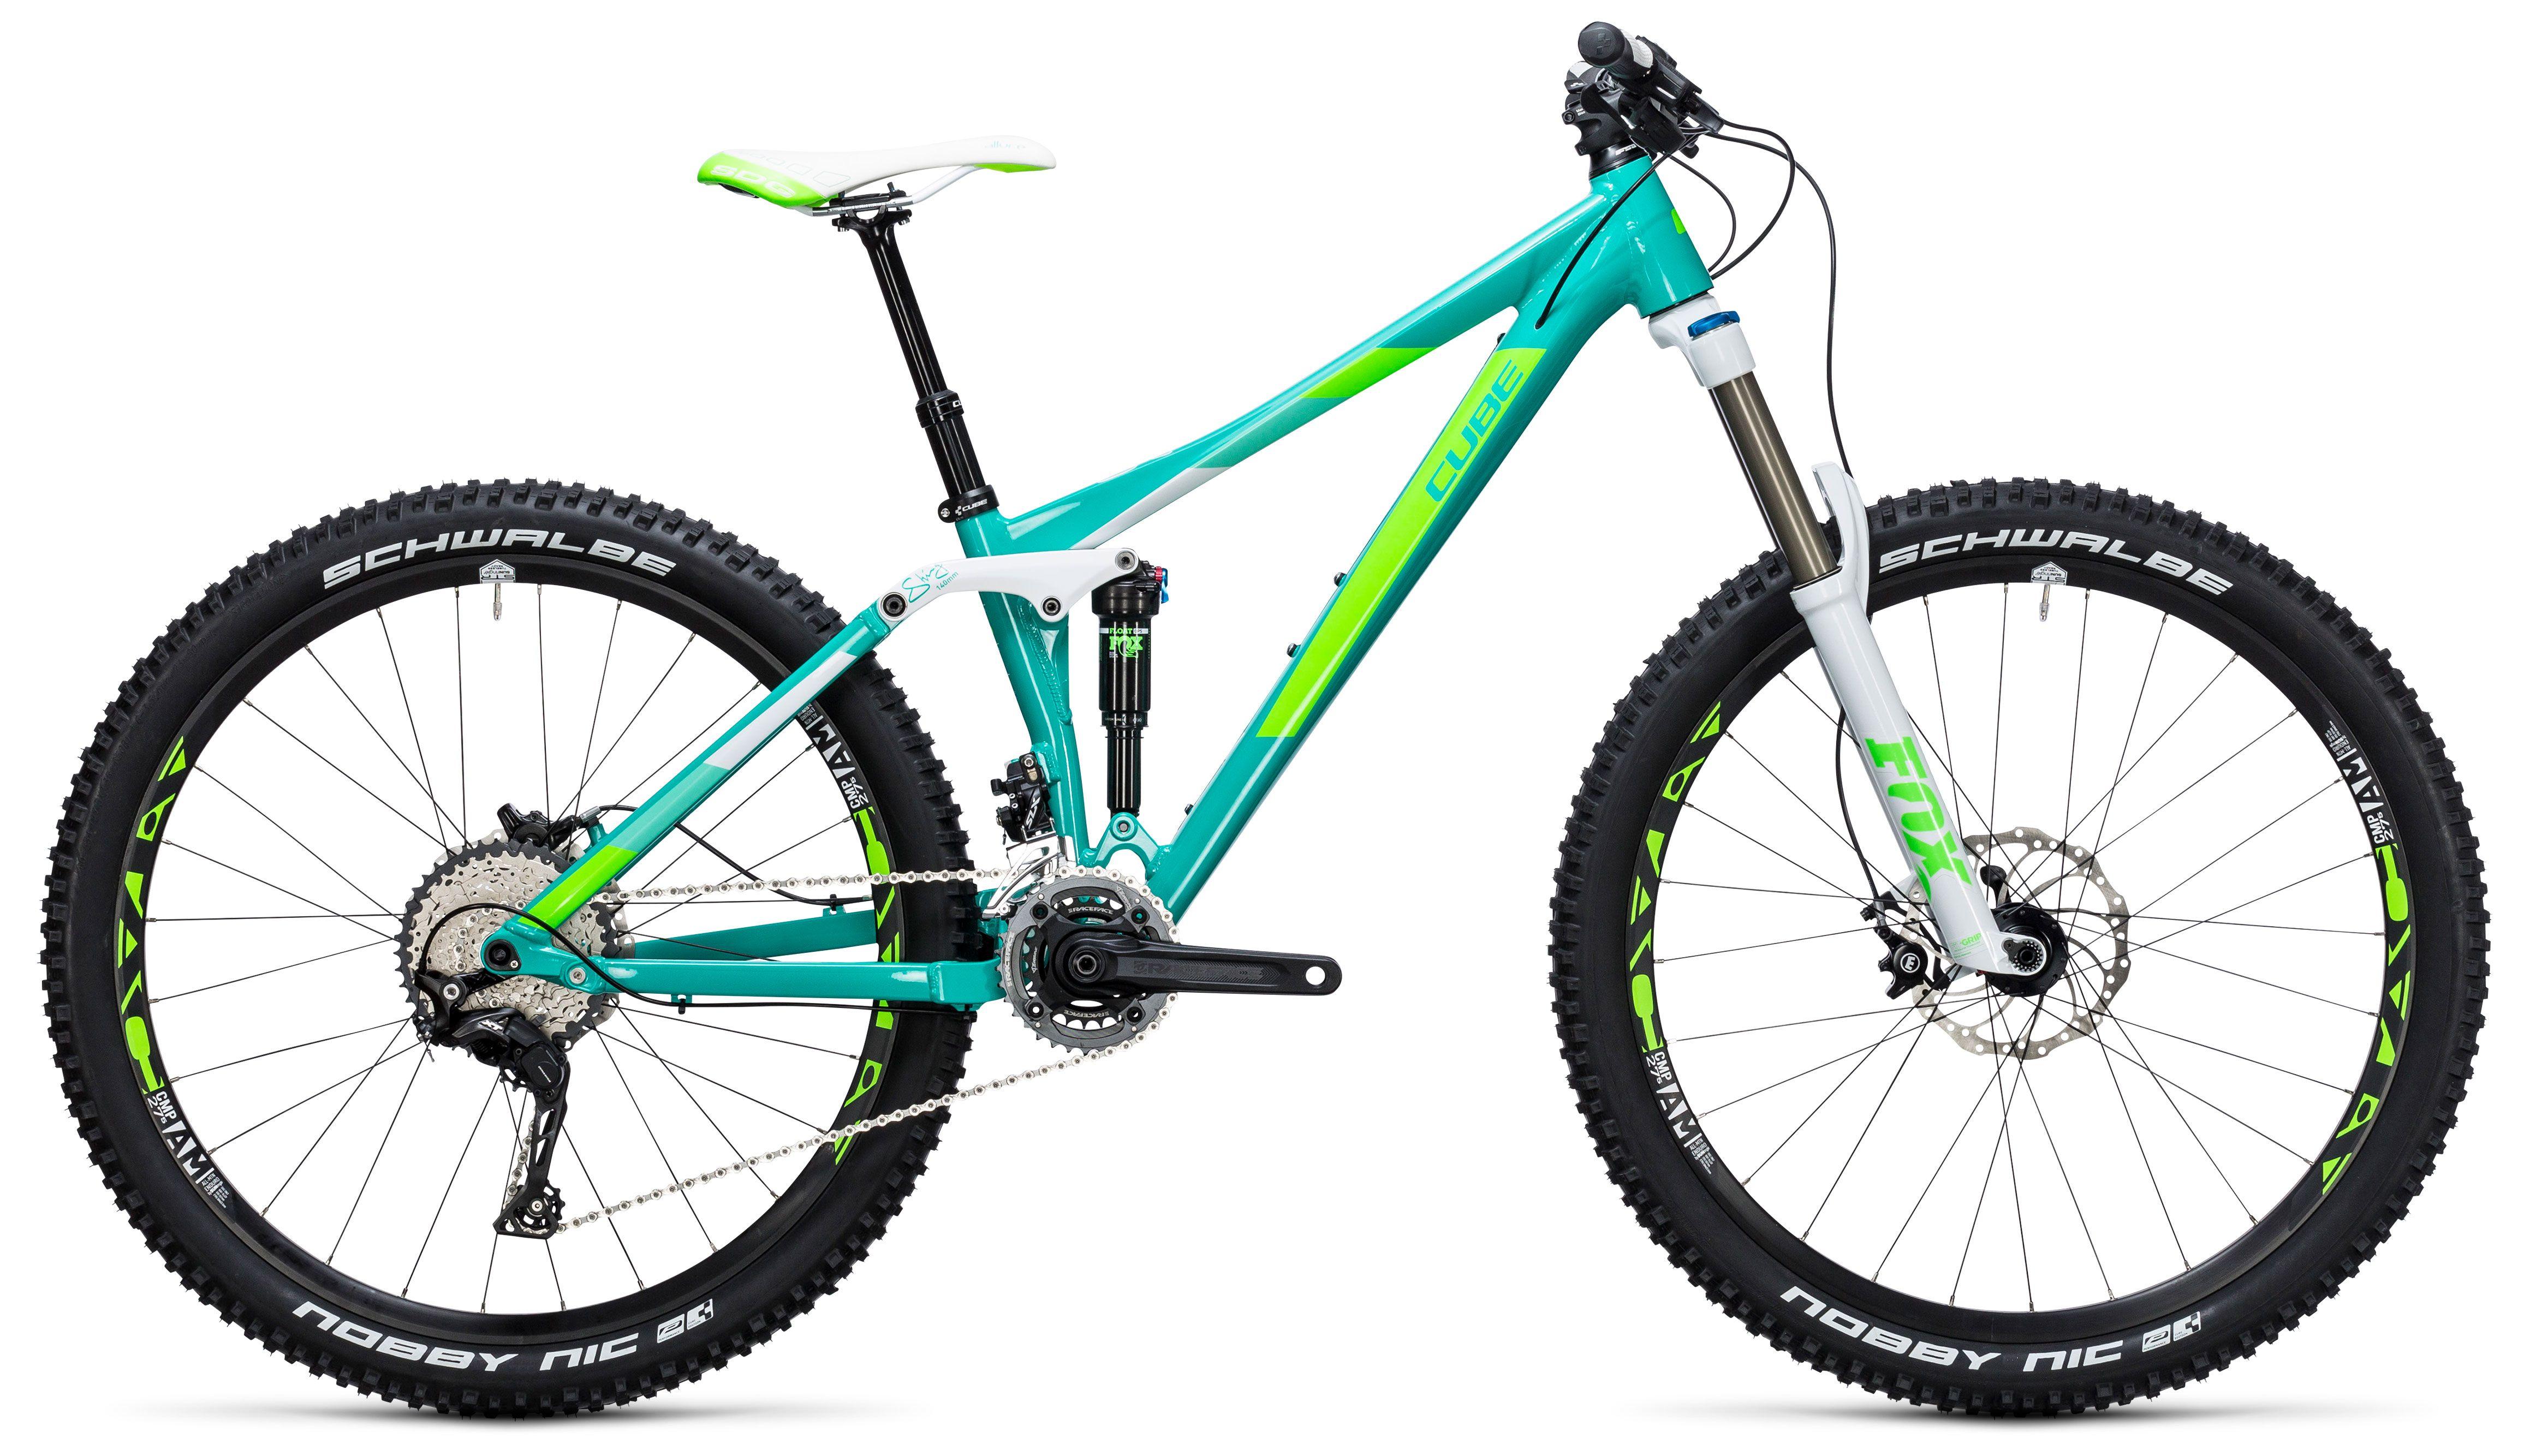 Велосипед Cube Sting WLS 140 Race 27.5 2X 2017